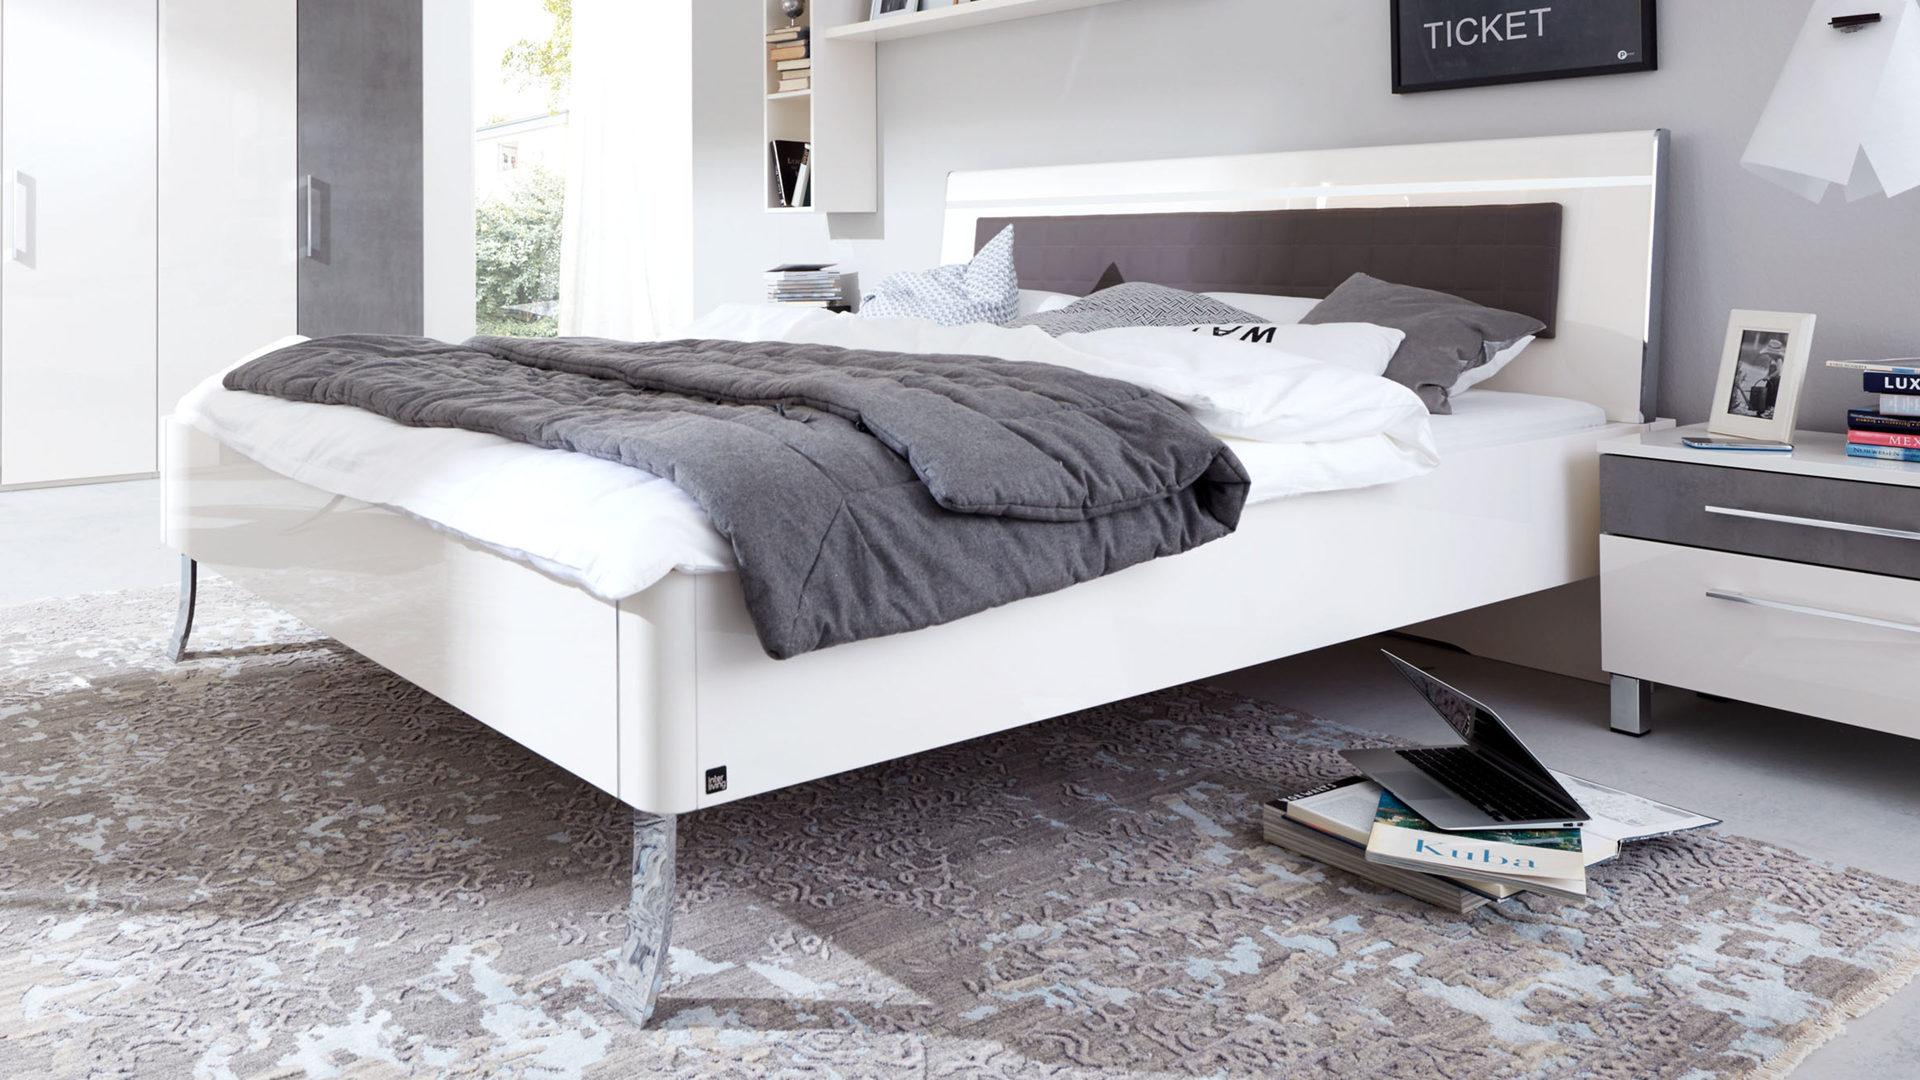 Interliving Schlafzimmer Serie 1003 Bettgestell Bianco Weiße Hochglanzoberflächen Liegefläche Ca 180 X 200 Cm